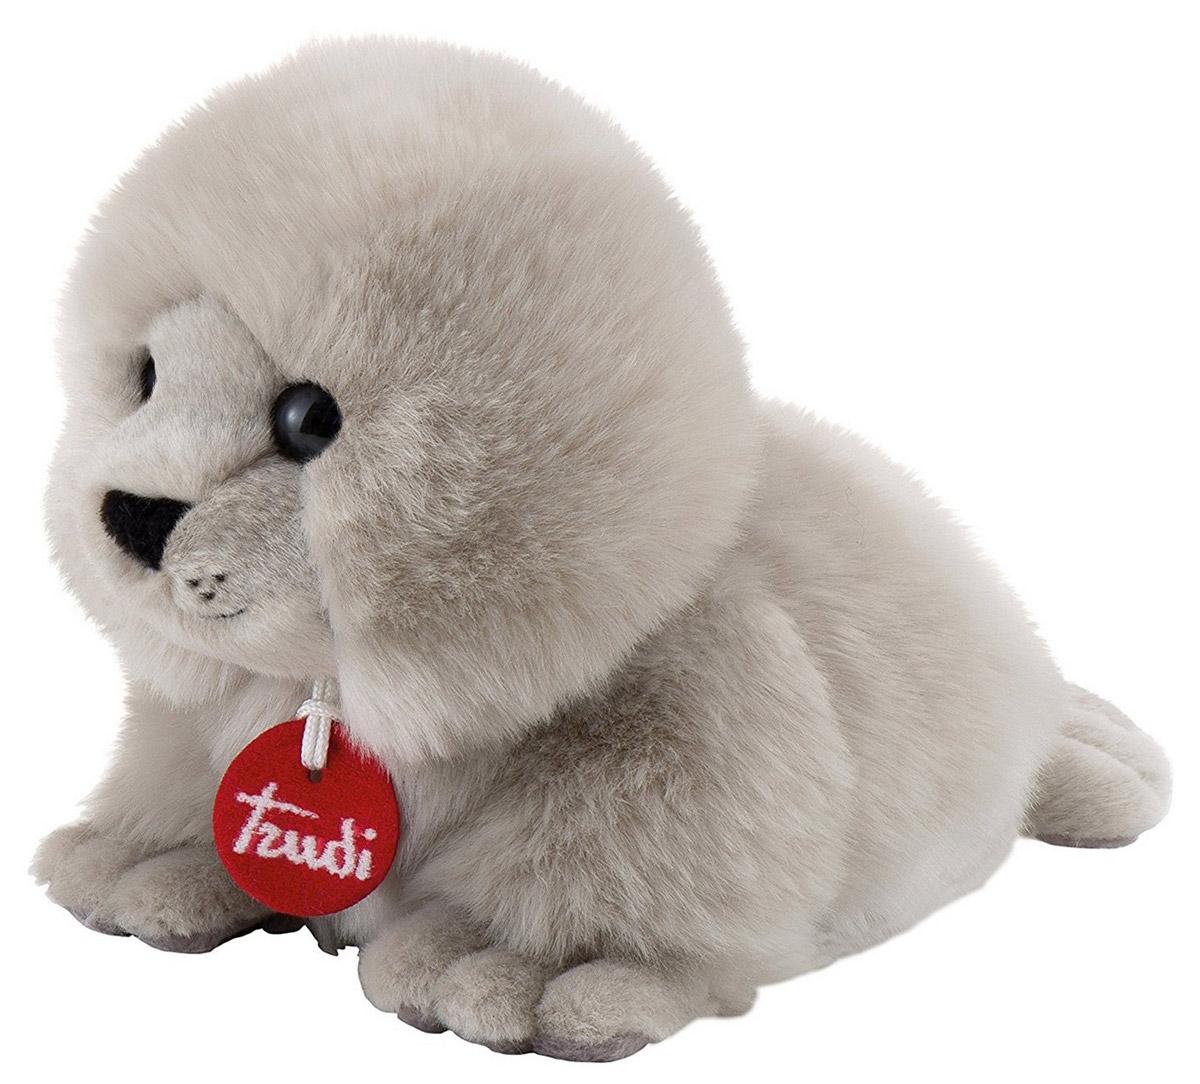 Trudi Мягкая игрушка Тюлень-пушистик 24 см мягкие игрушки trudi белый тюлень 58 см